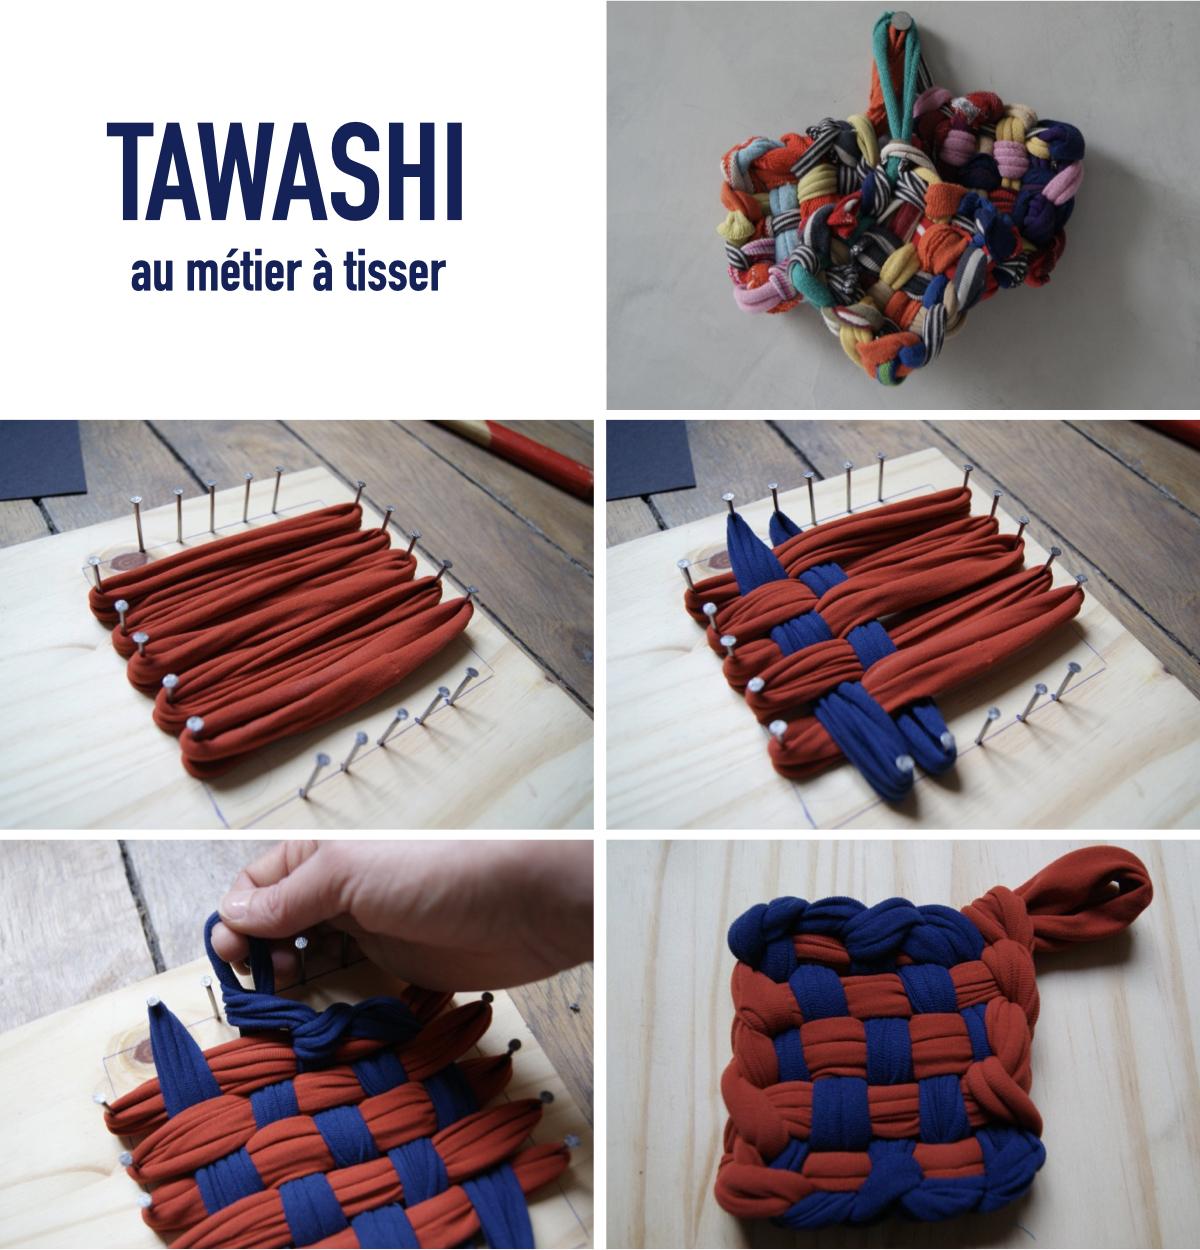 tuto tawashi métier à tisser astuce écolo vaisselle - blog déco - clemaroundthecorner